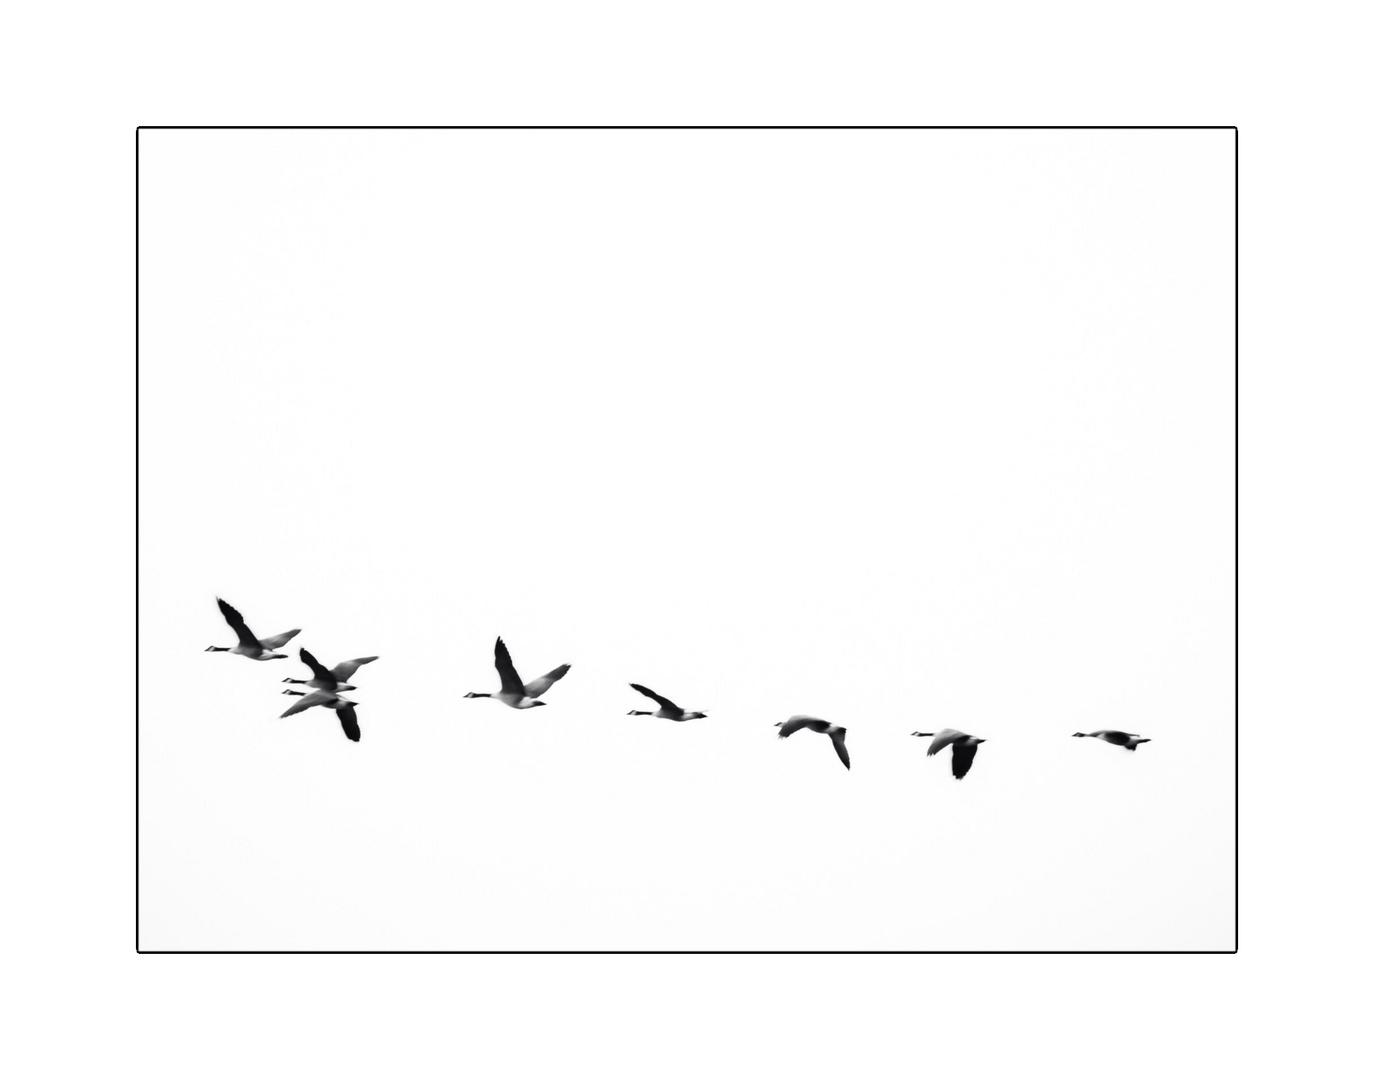 weiterflug ...